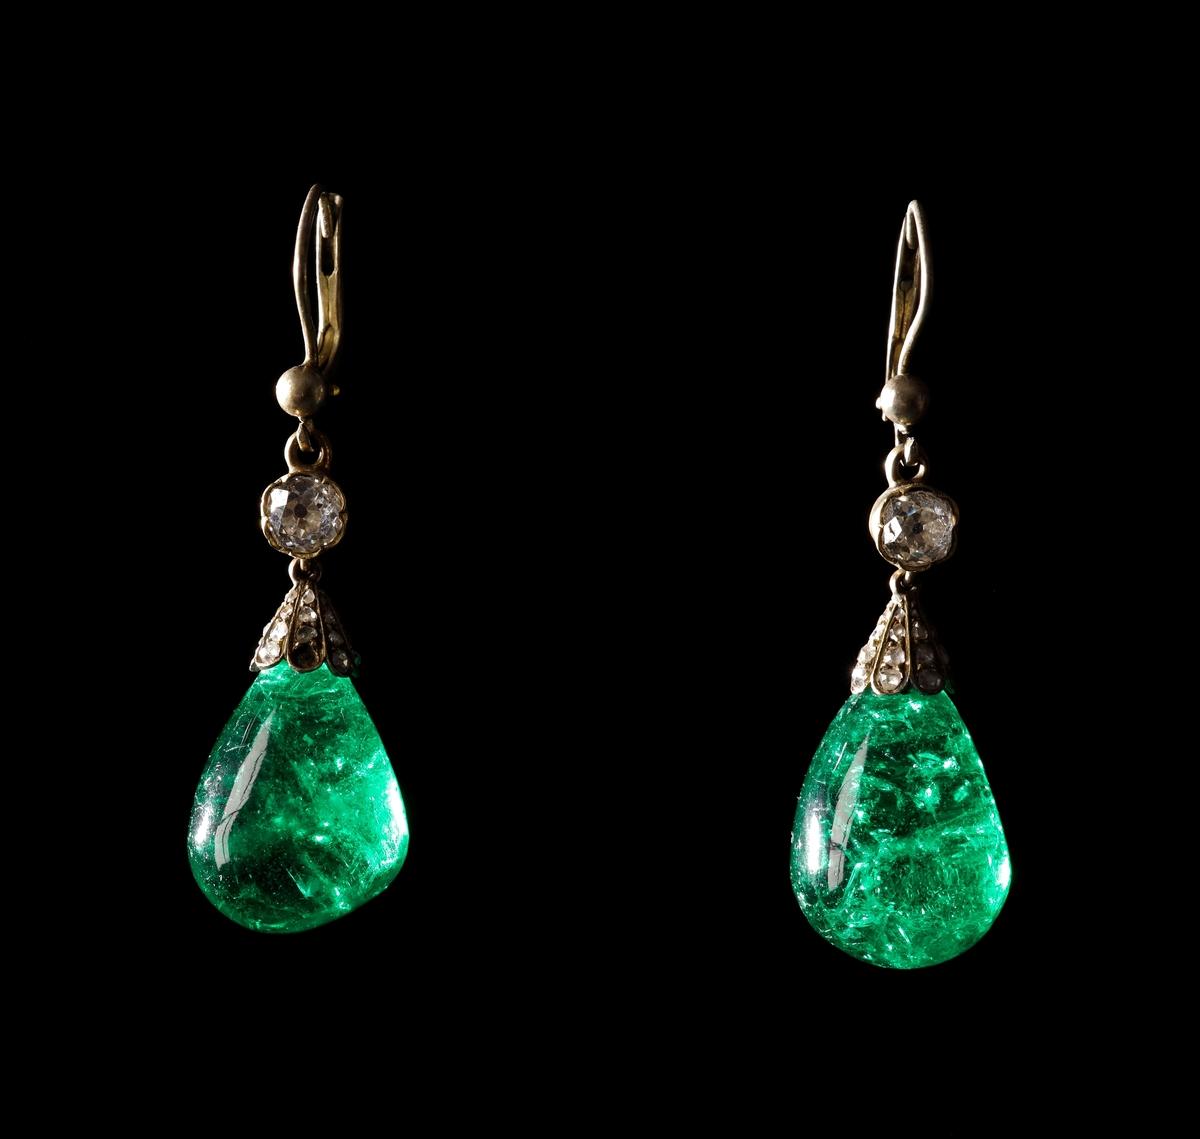 Örhängen bestående av två gröna, droppformade, columbianska cabochonslipade smaragder samt guld och diamanter i fästena.   Inskrivet i huvudkatalogen 1998.